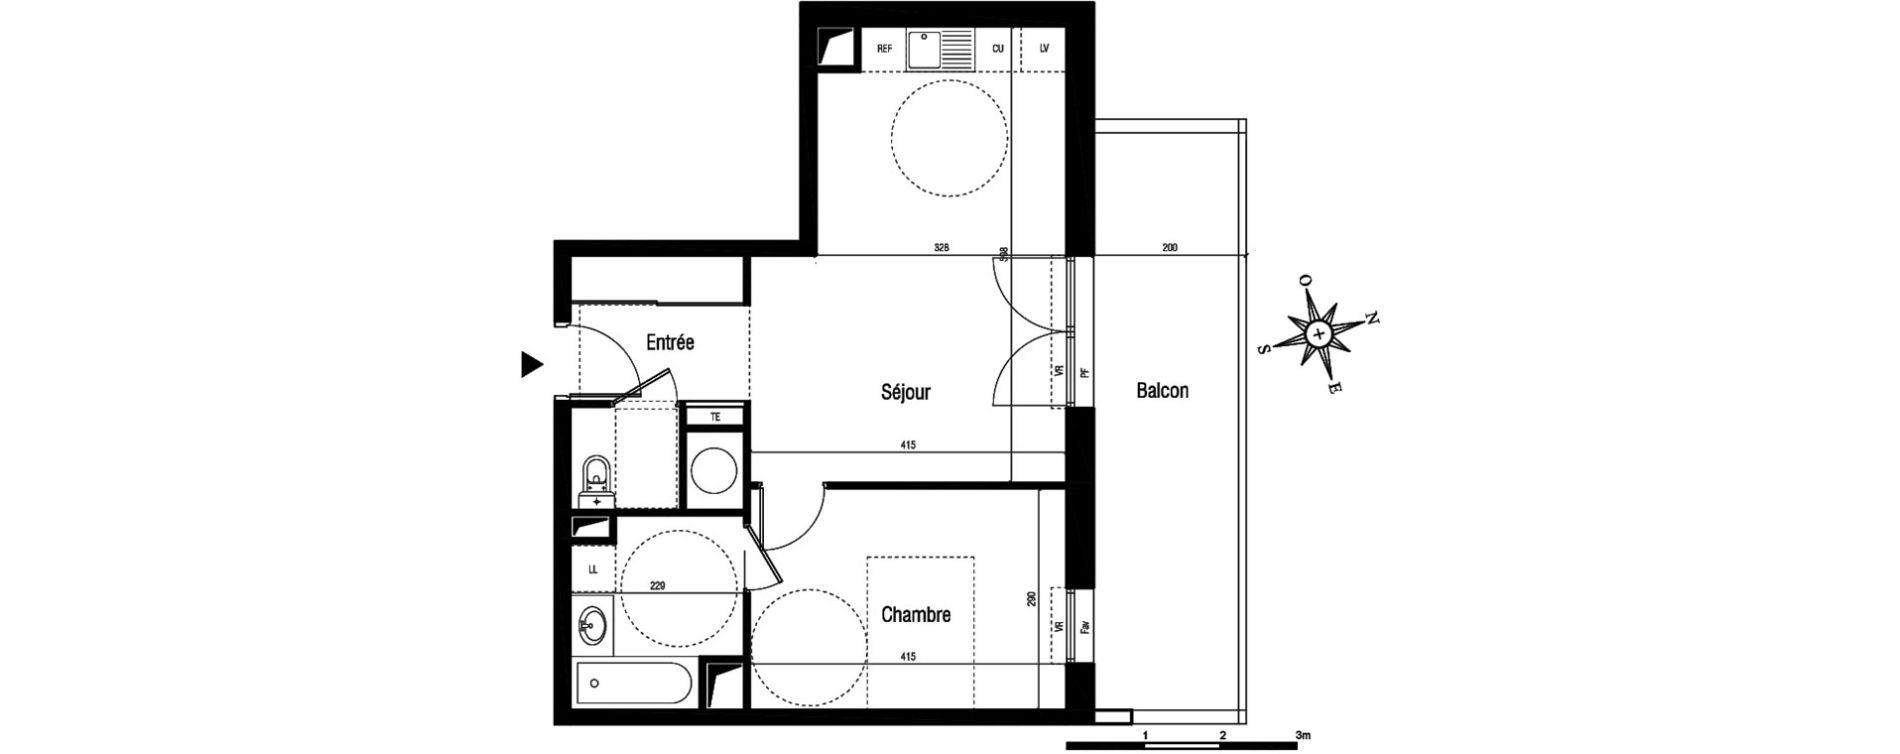 Appartement T2 de 46,10 m2 à Aigues-Mortes Centre